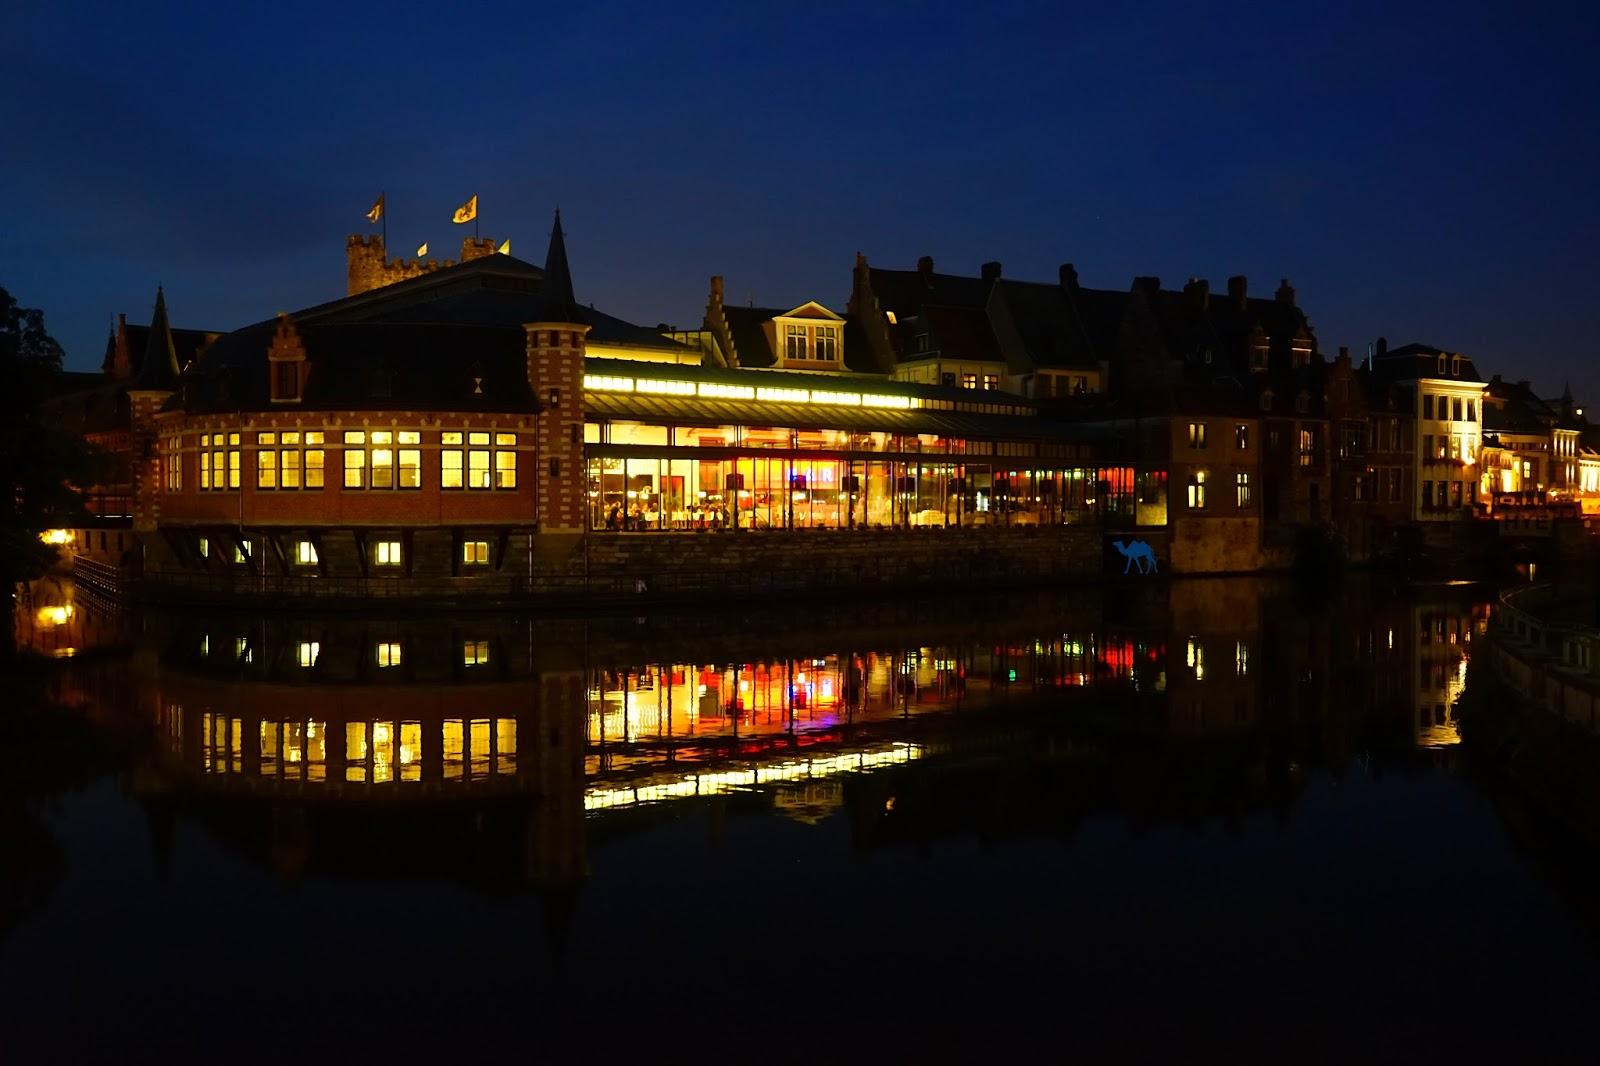 Le Chameau Bleu - Blog Voyage Gand Belgique - Gand Tourisme - Ancien marché aux poissons de Gand en Belgique flamande